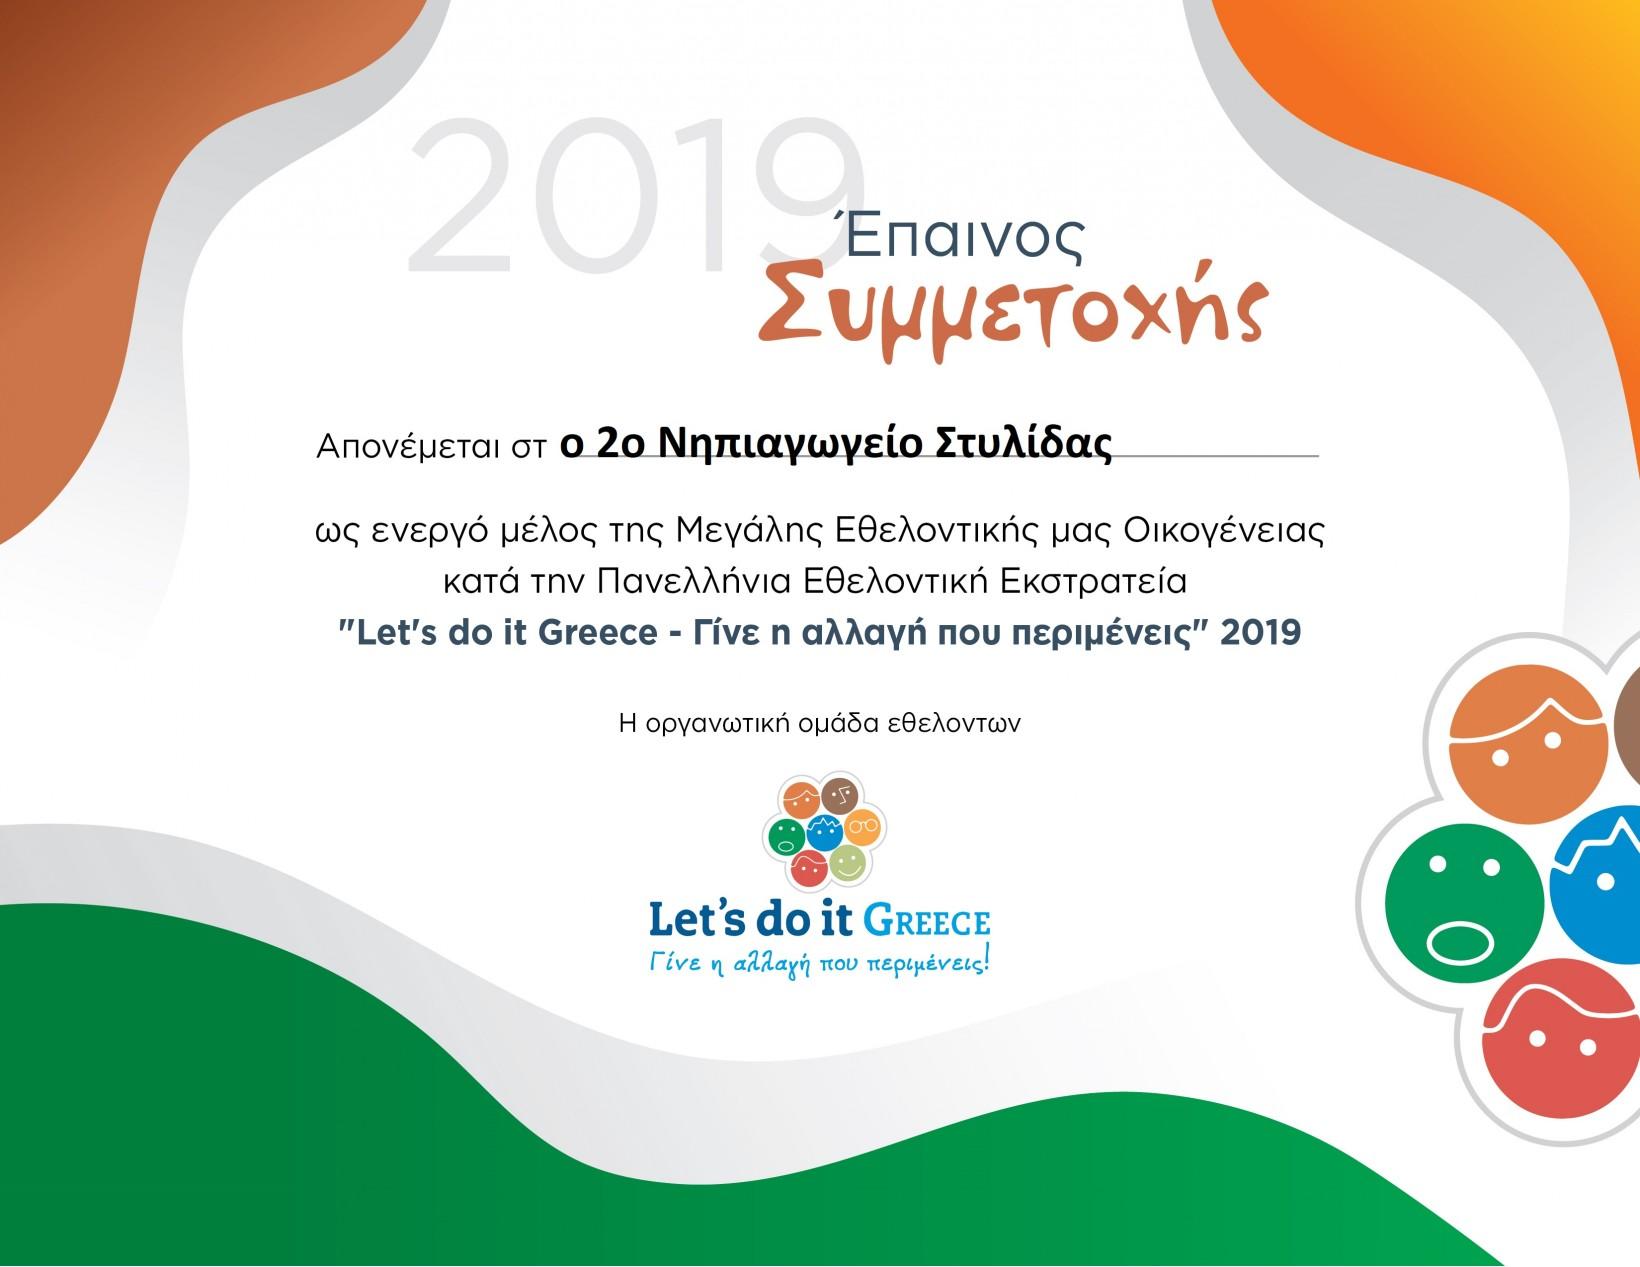 Έπαινος – Let's do it Greece 2019